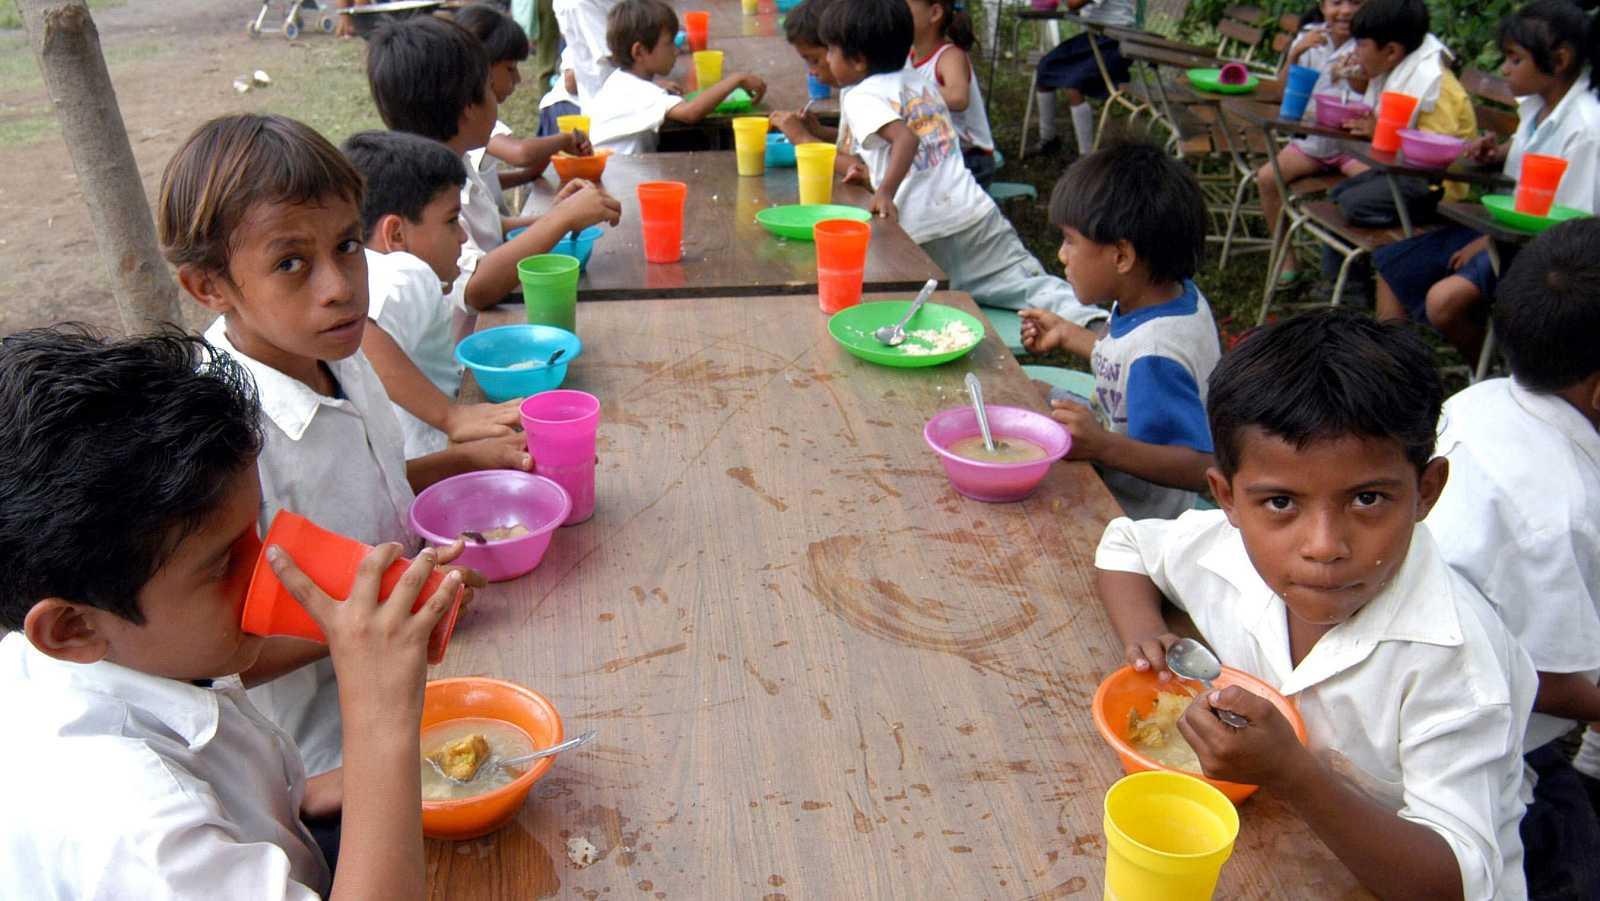 Cooperación es Desarrollo - Trabajando por el hambre cero - 15/07/18 - escuchar ahora